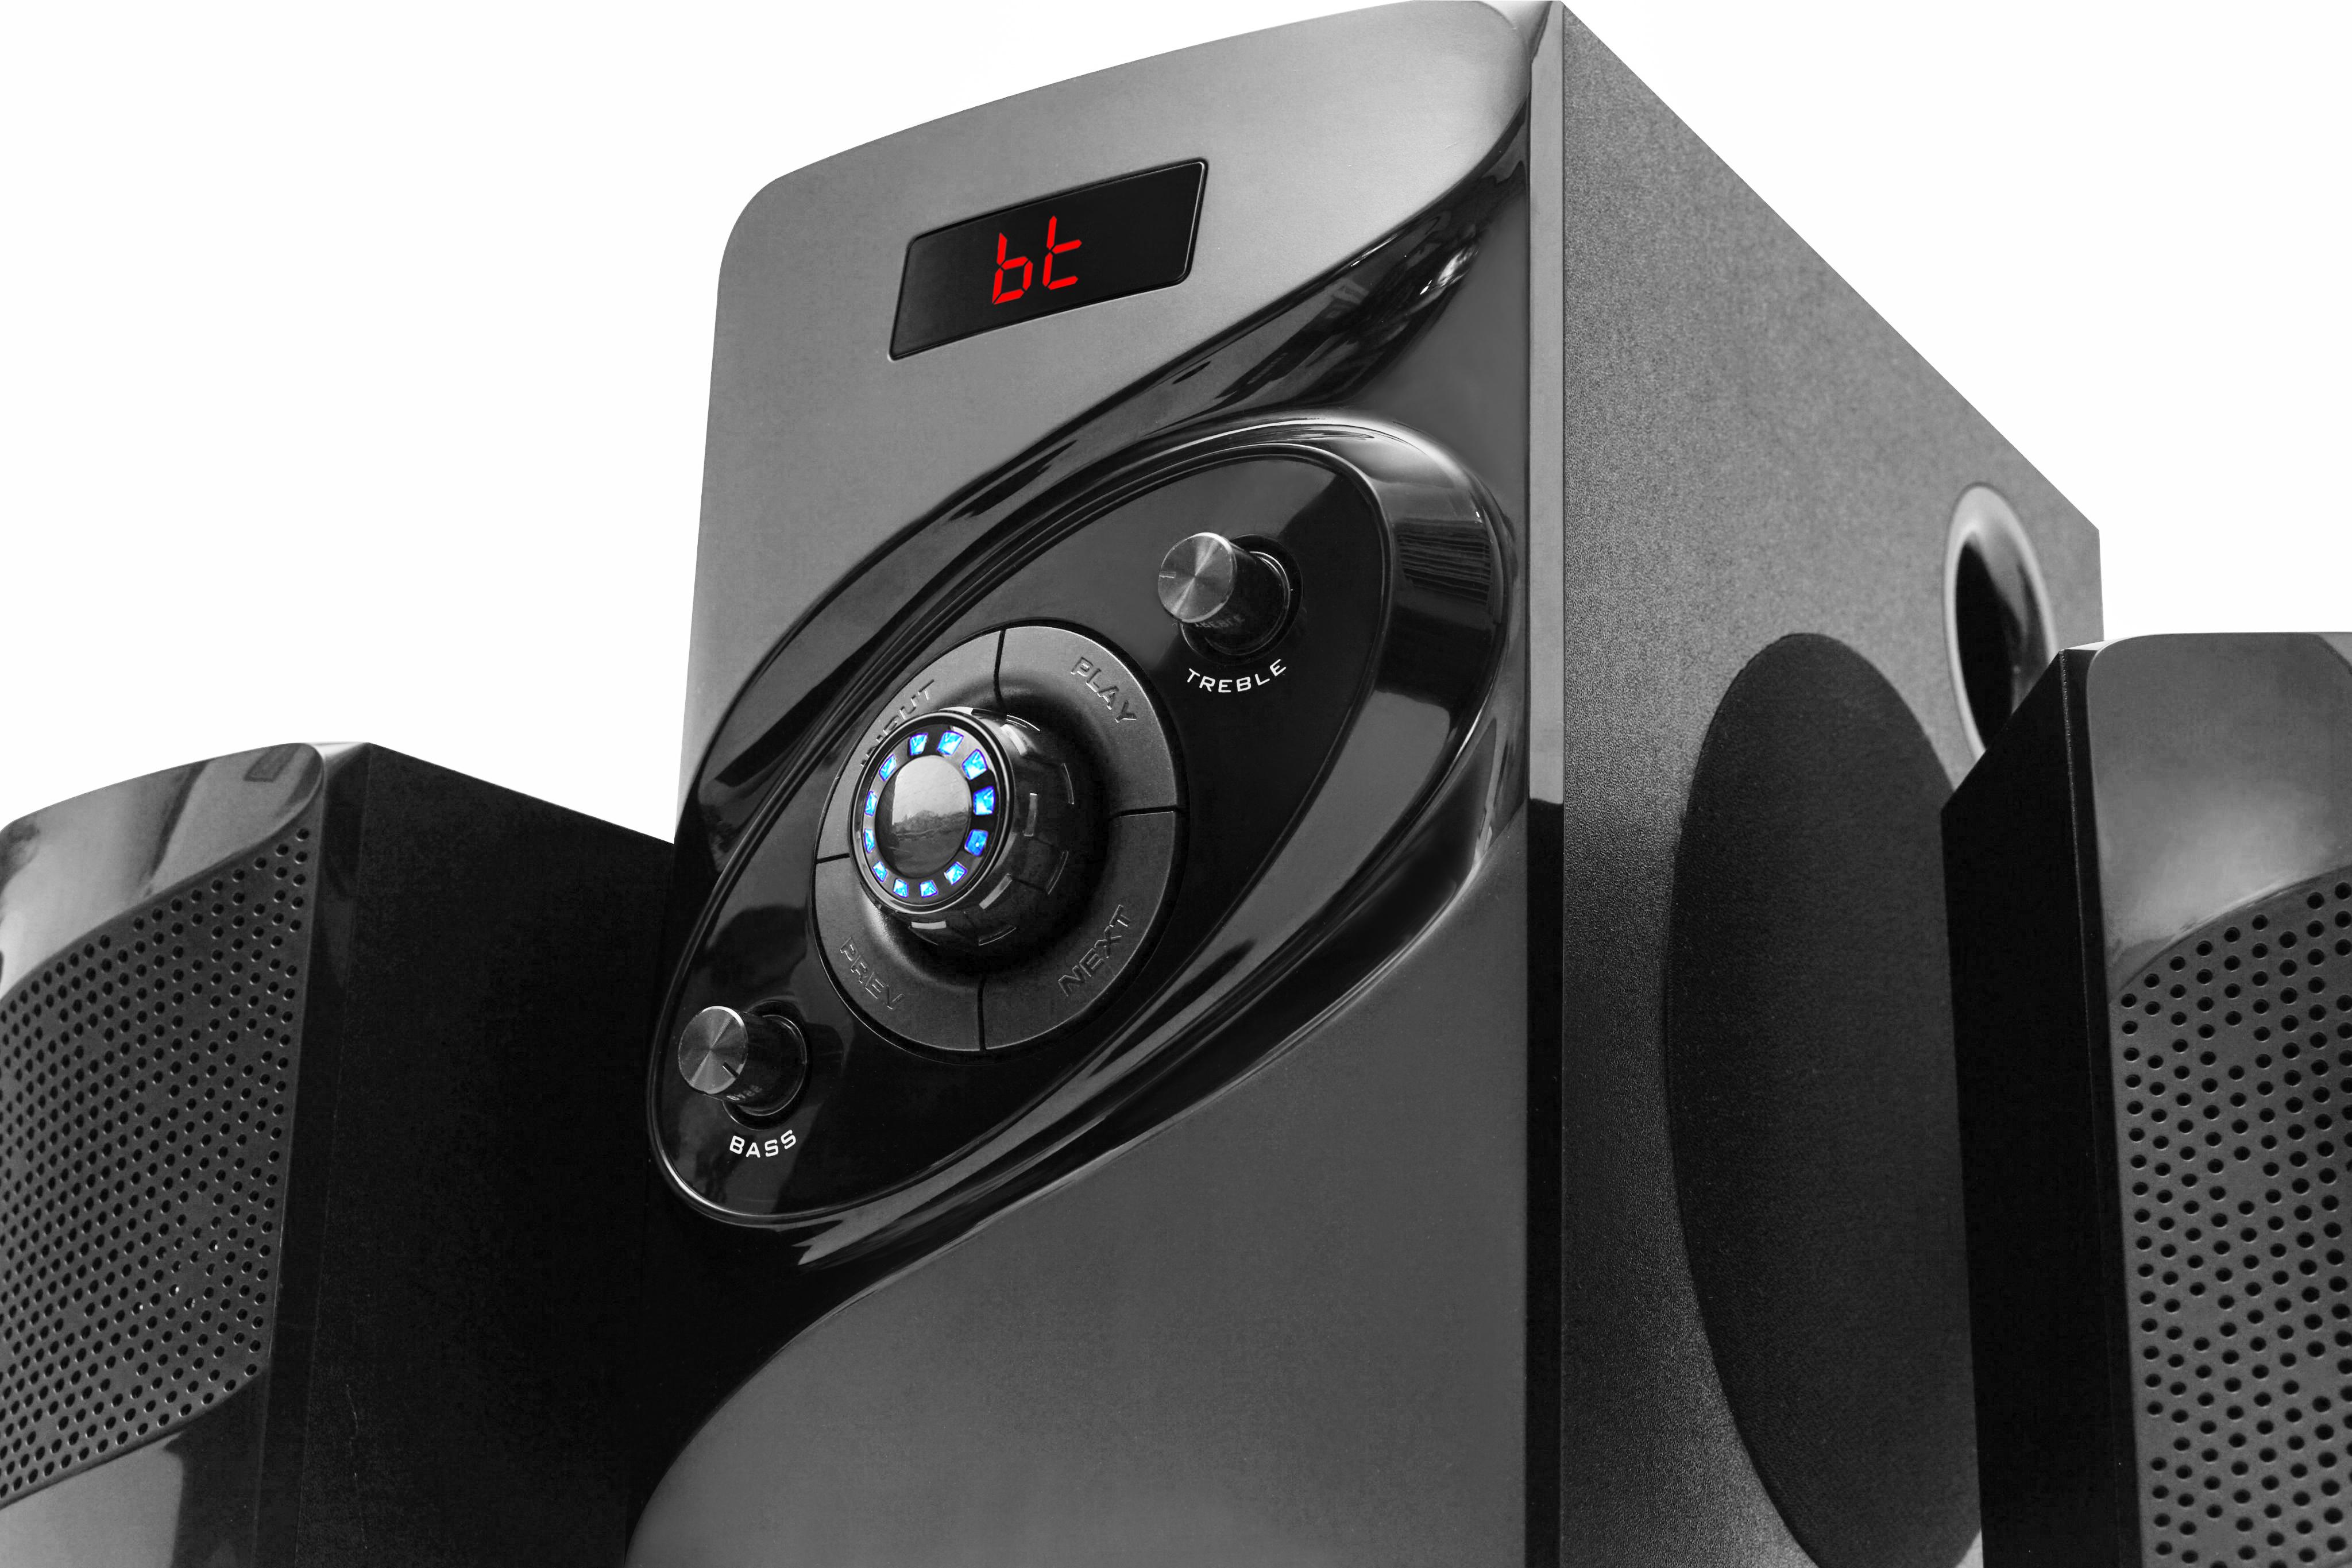 Giải trí tại gia đã hơn cùng loa nghe nhạc SoundMax A-926 - Ảnh 3.